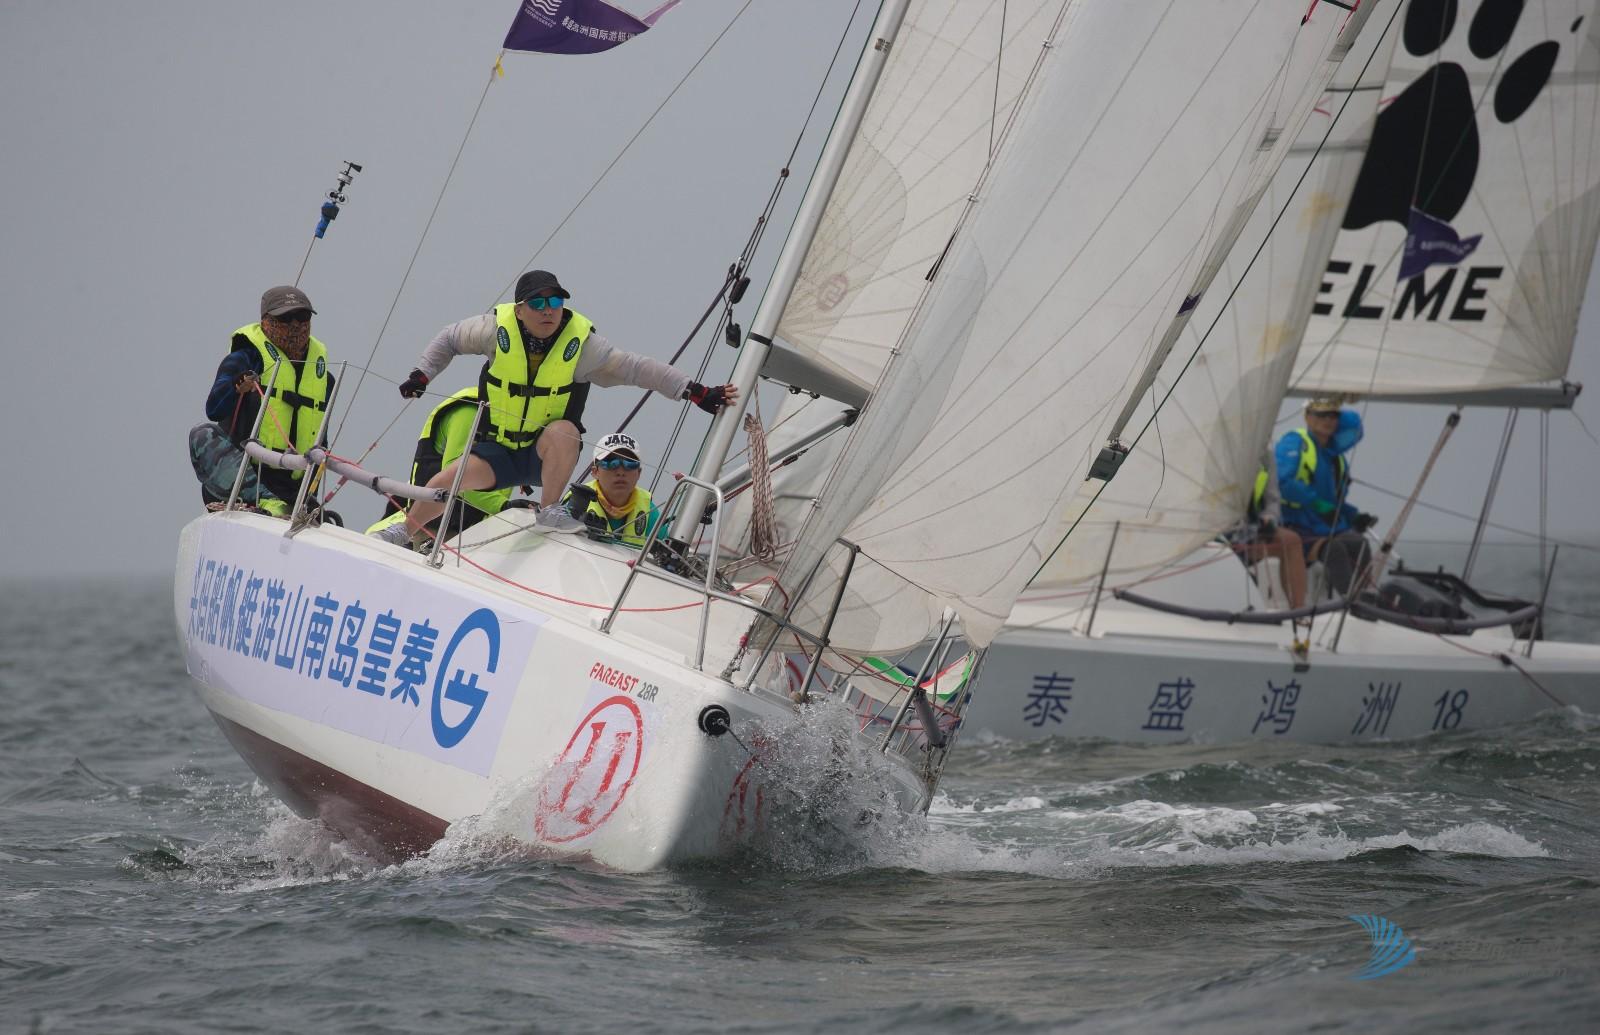 我们,帆船,毕竟,风向,都是 喉咙喊破,收获满满-秦皇岛河港杯帆船赛赛后总结  152658a1iz3ii8